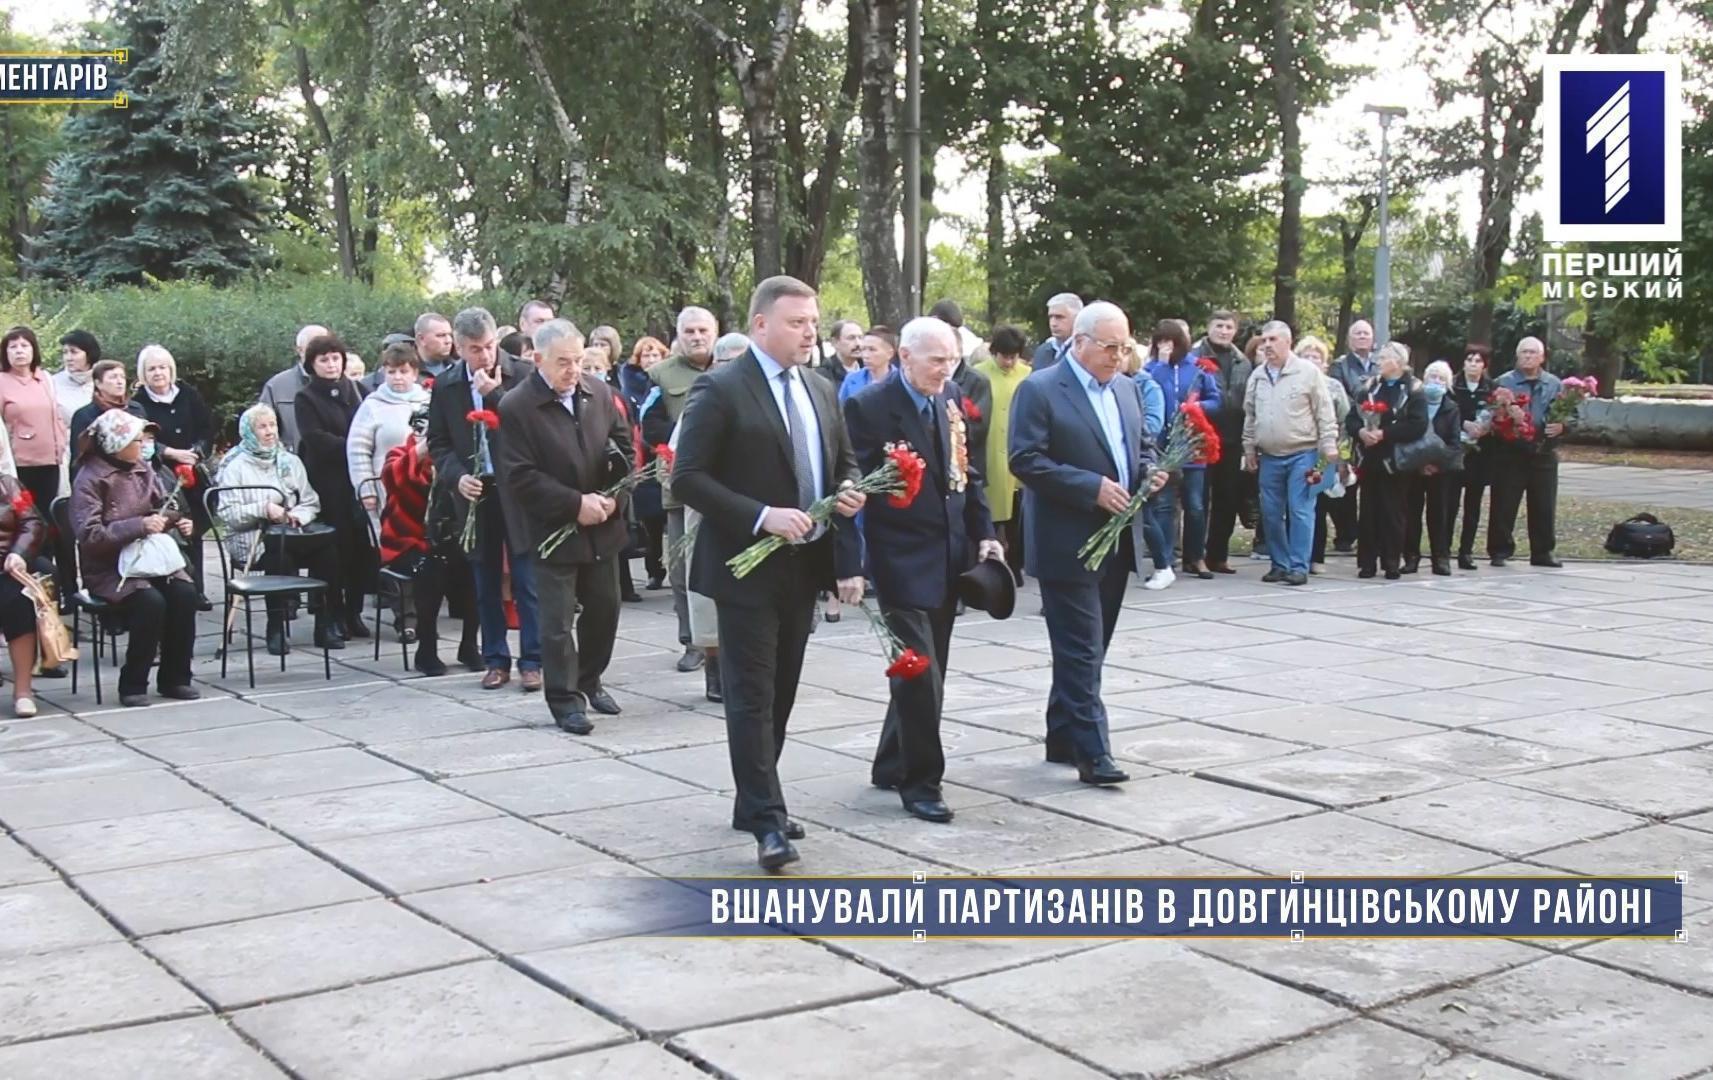 Без коментарів: урочисте покладання квітів до Дня партизанської слави в Довгинцівському районі